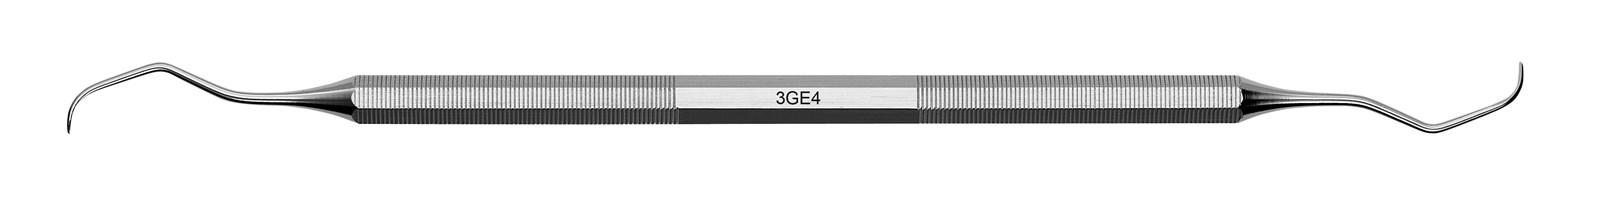 Kyreta Gracey Classic - 3GE4, ADEP silikonový návlek fialový